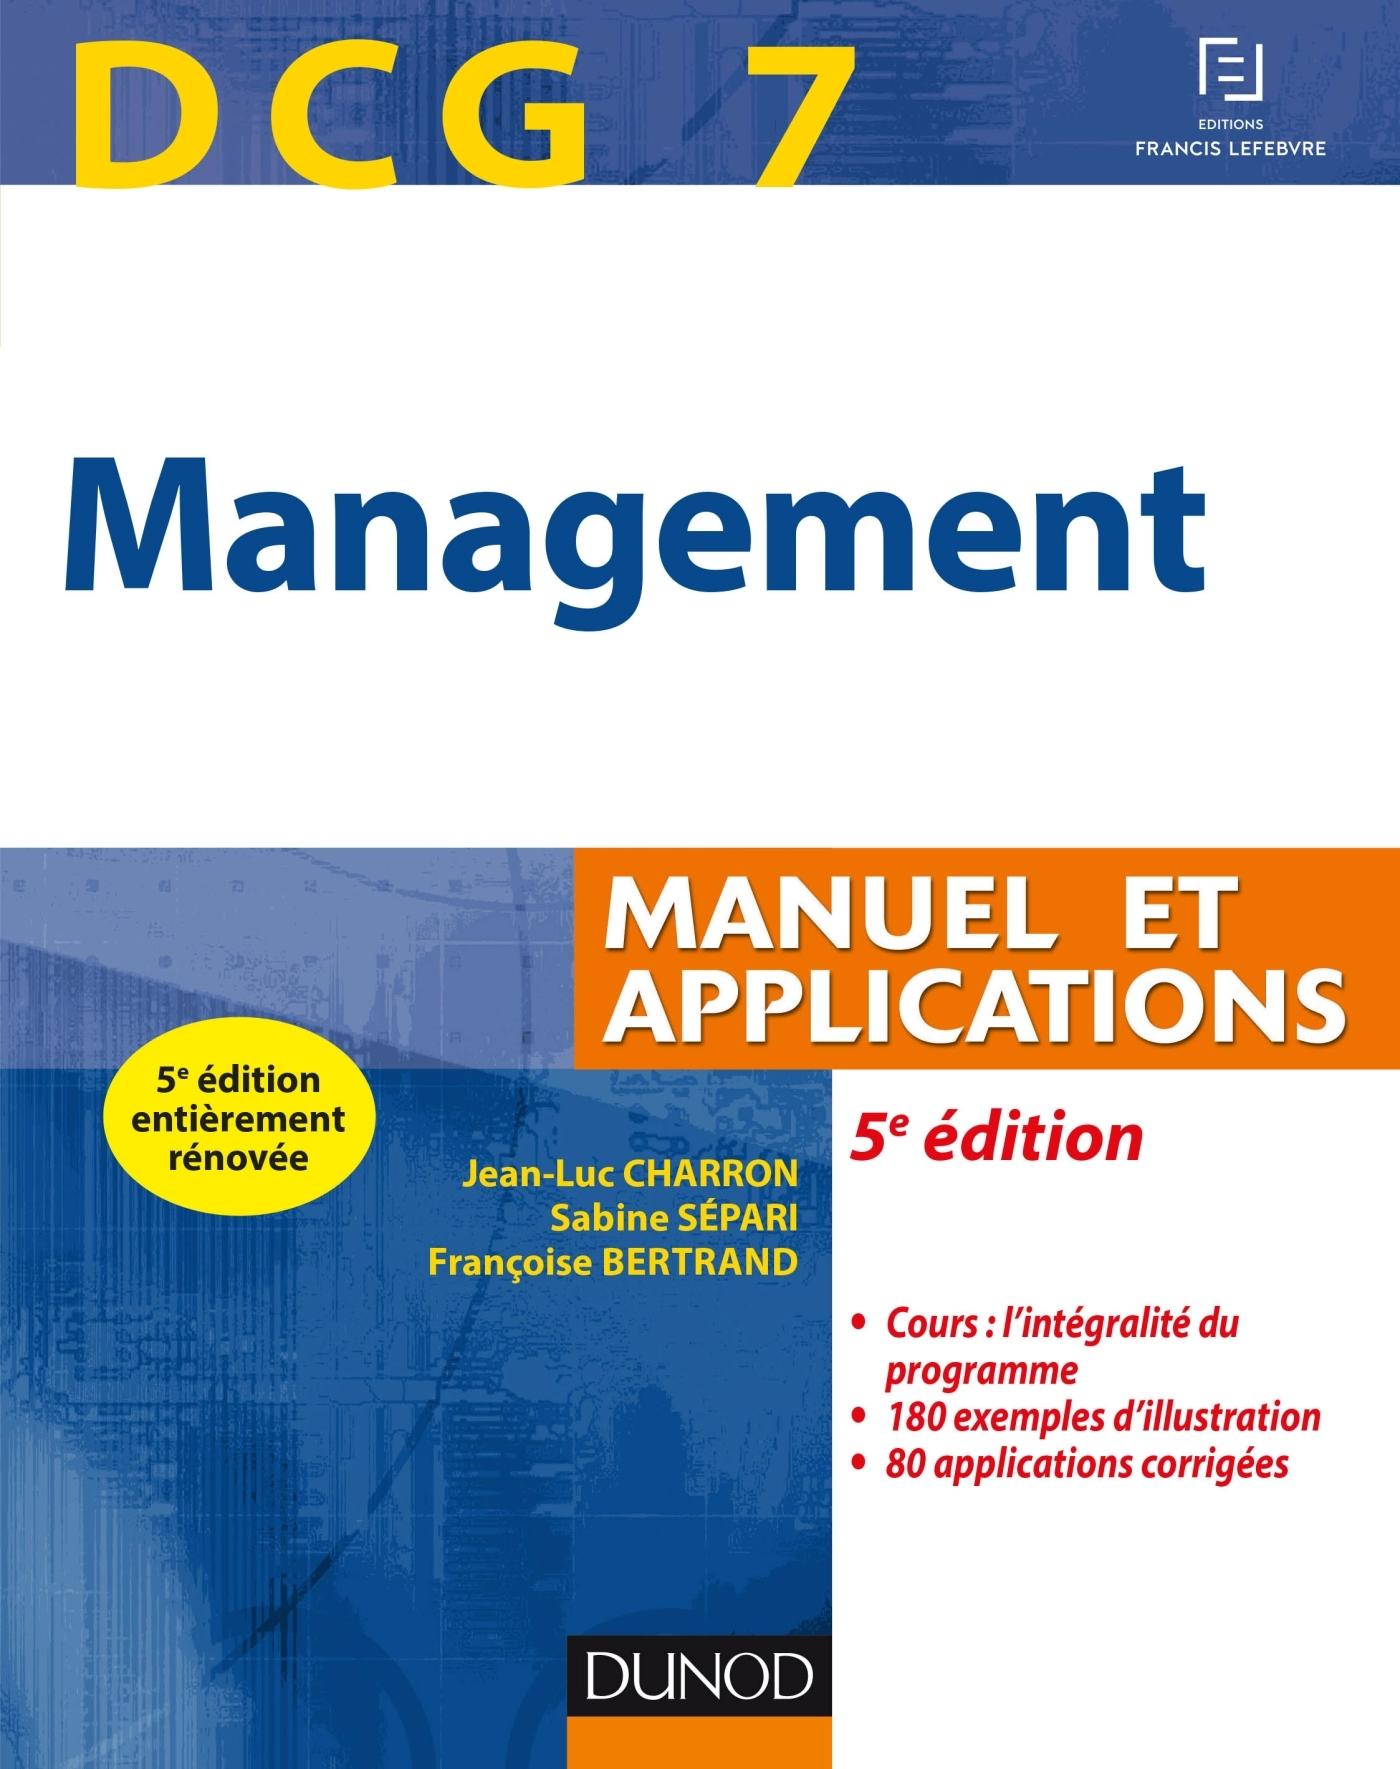 DCG 7 - MANAGEMENT - 5E ED. - MANUEL ET APPLICATIONS, CORRIGES INCLUS